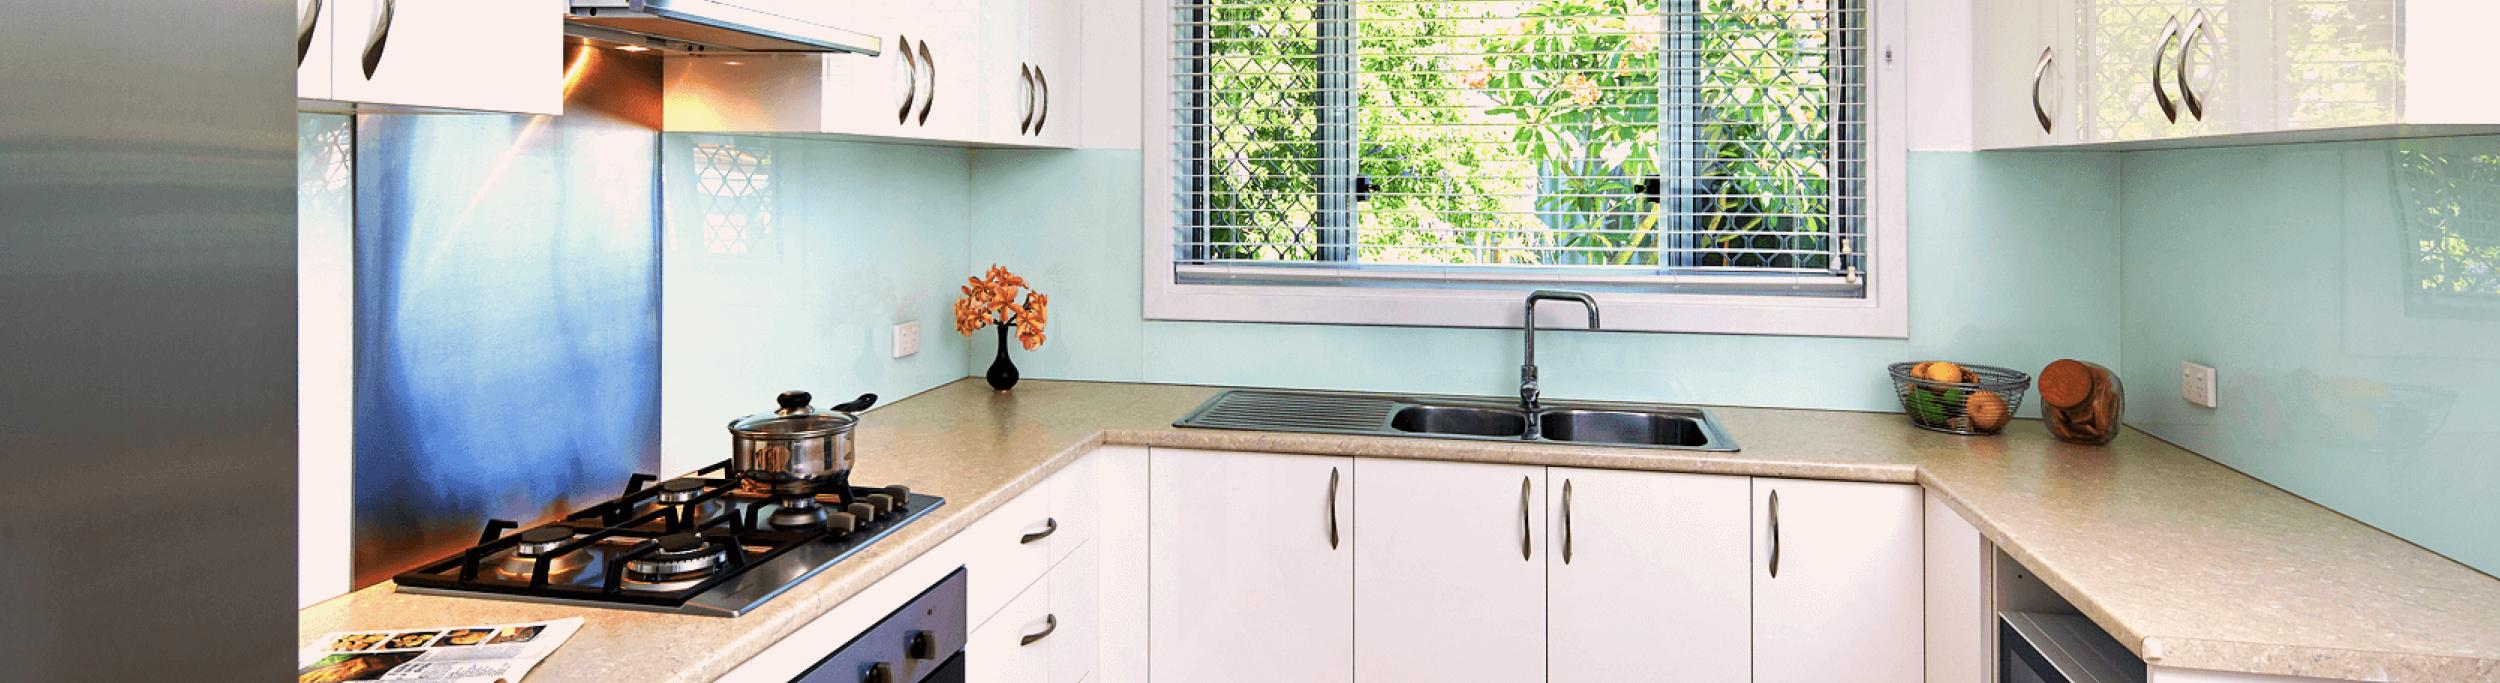 koondoola-kitchen.jpg